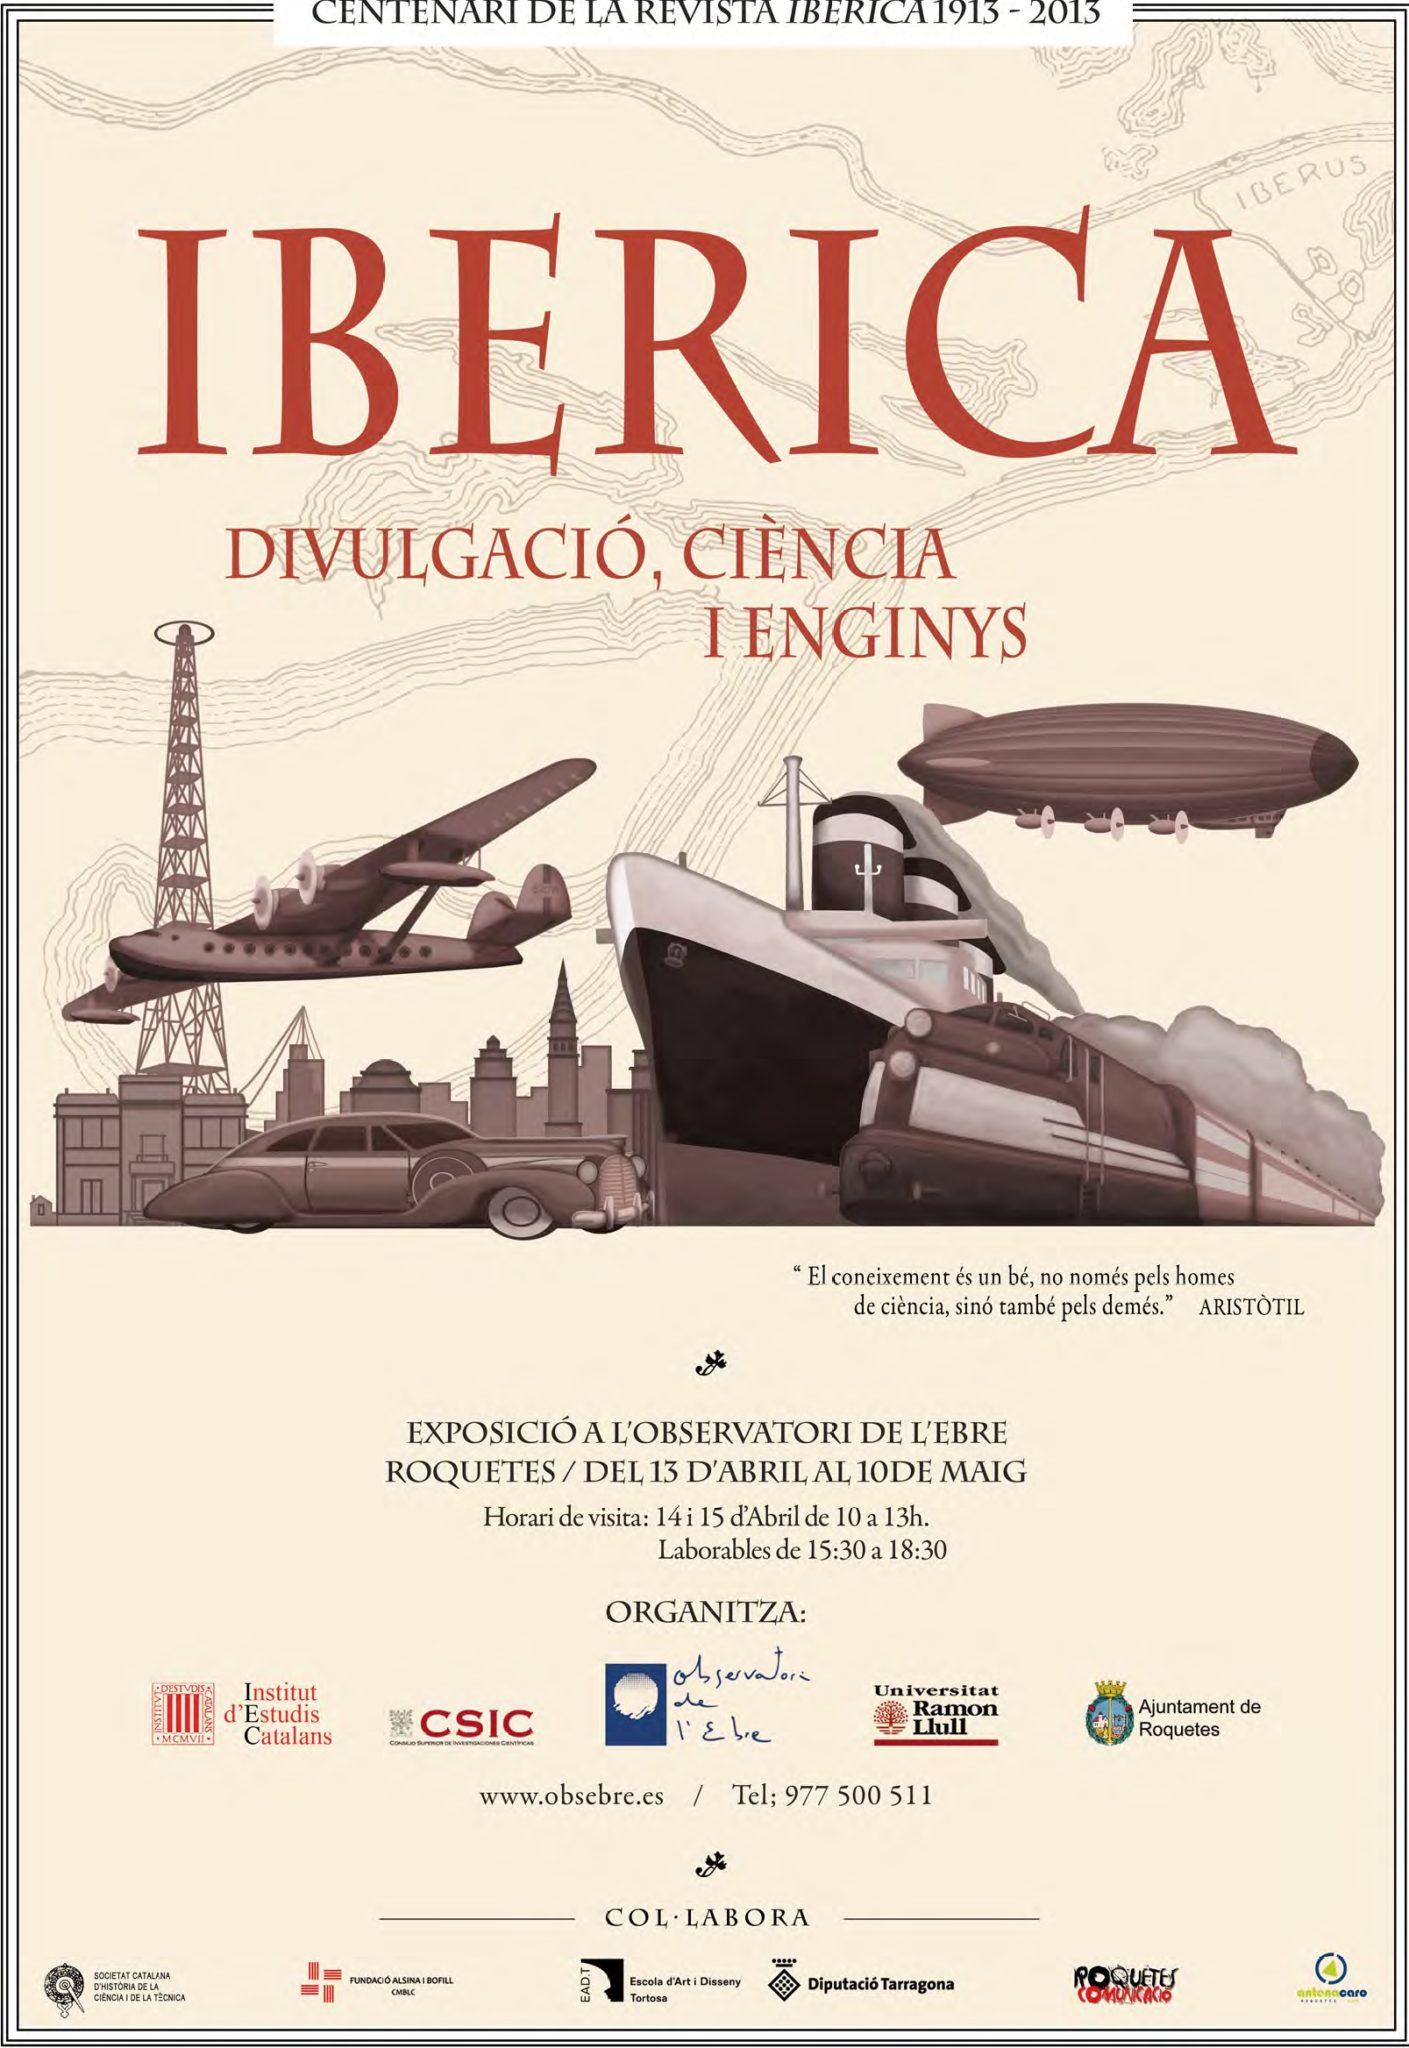 Centenari de la Revista Ibérica